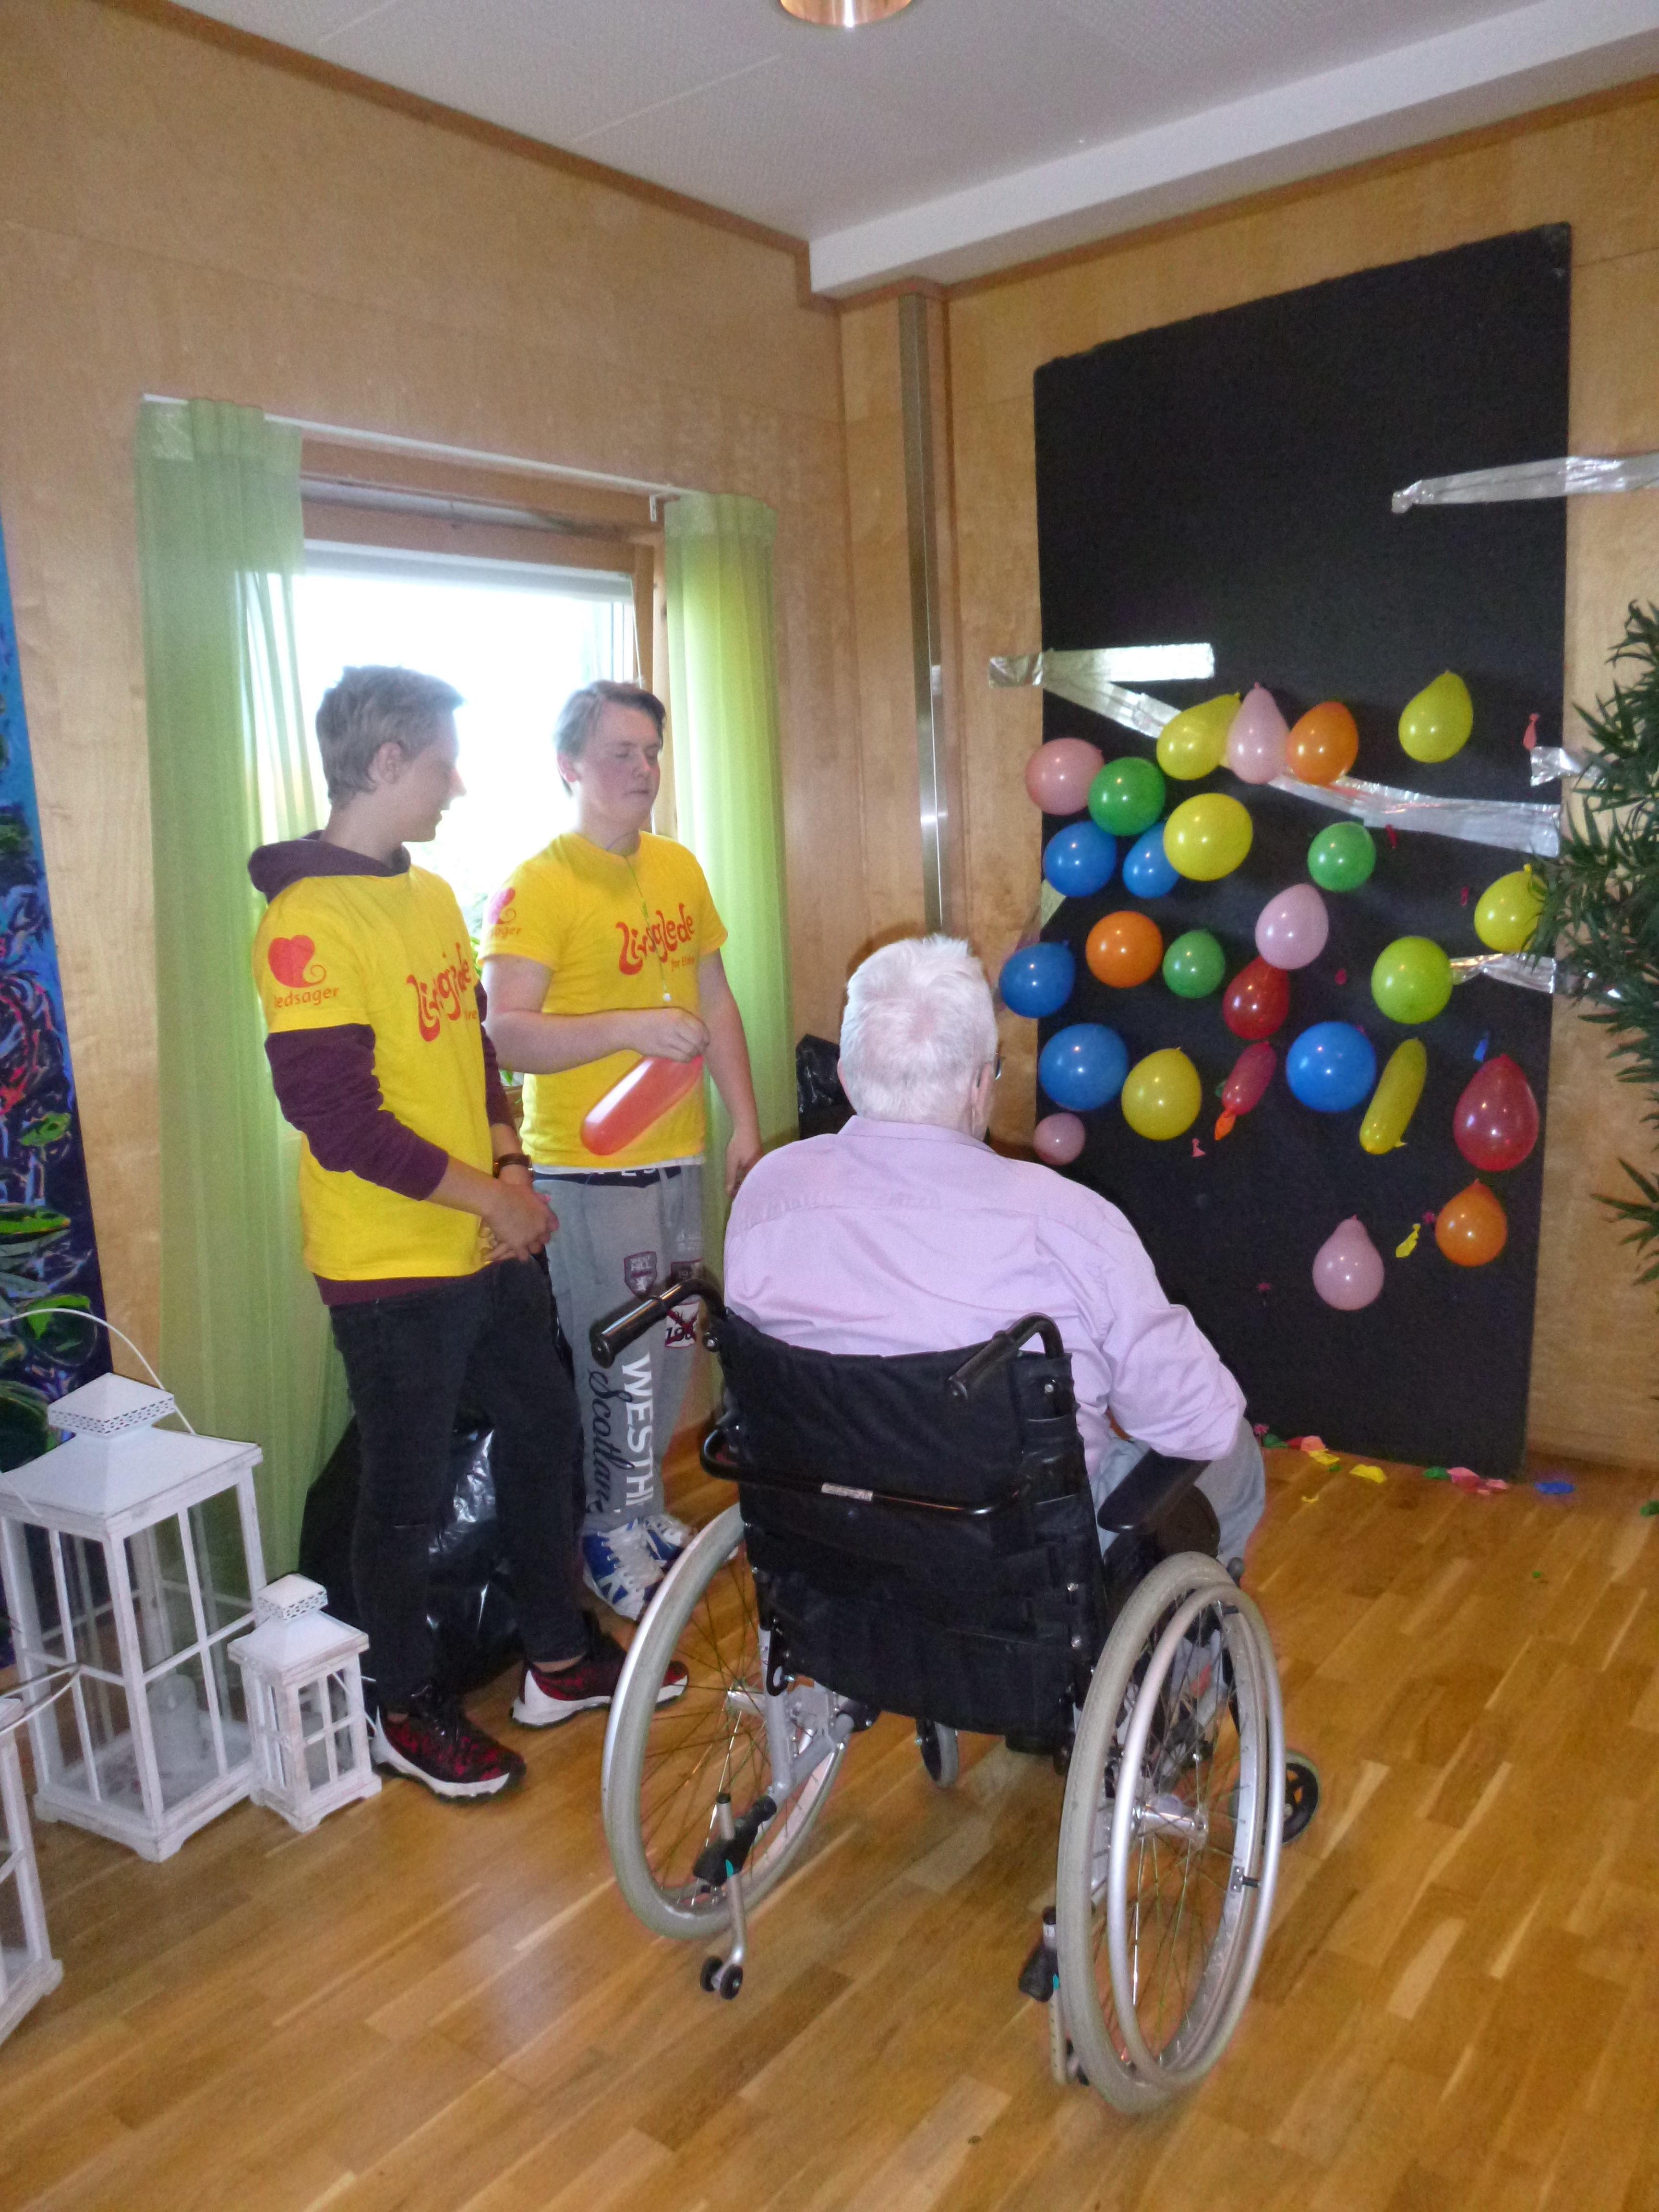 Ballongkasting med elever fra livsgledeskolen Tiller VGS og beboer ved Tiller helse- og velferdssenter